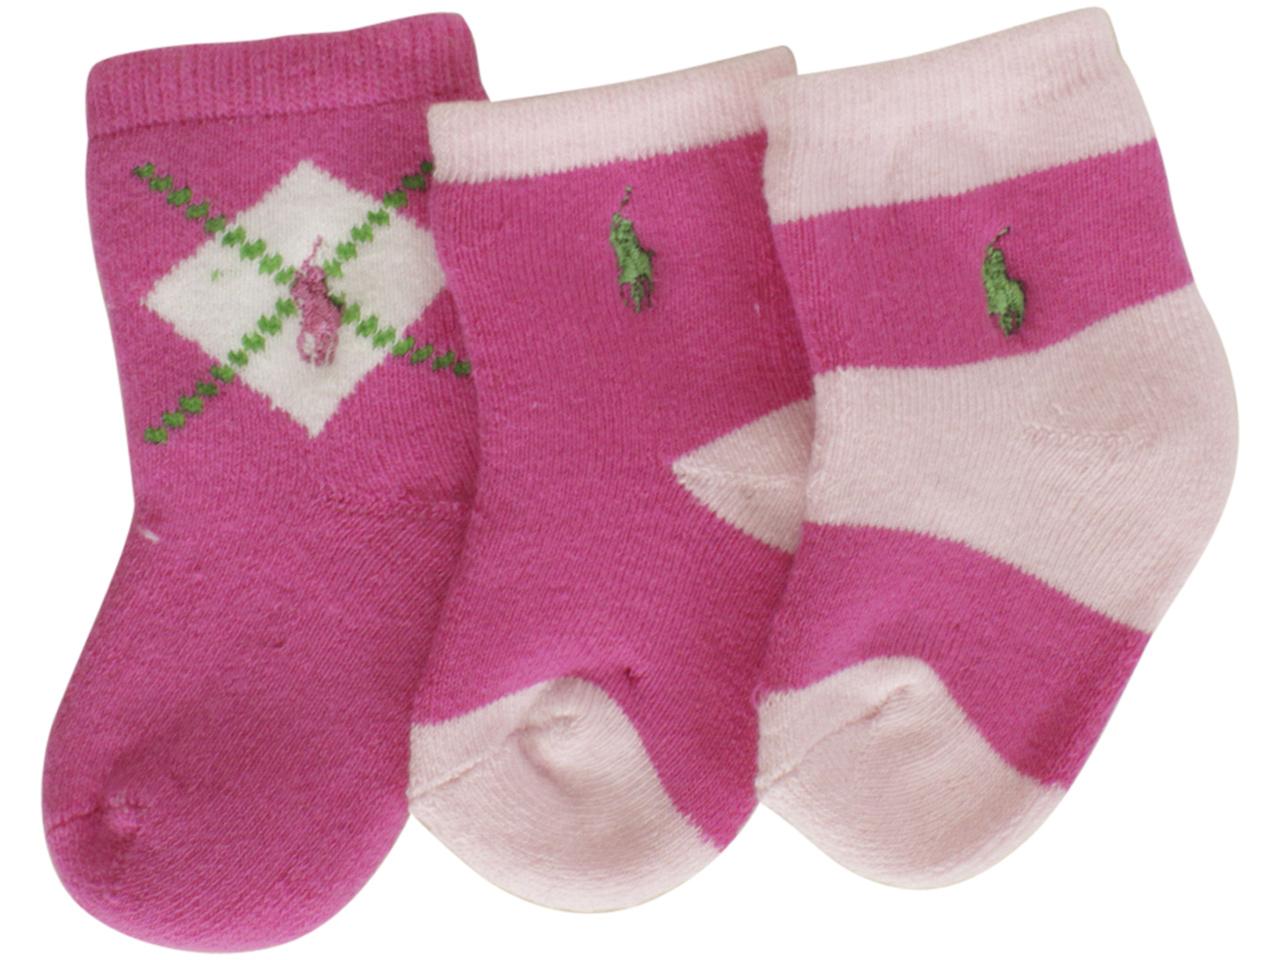 Polo Ralph Lauren Infant Girls Socks White//Pink 18-24 Months Single Pack